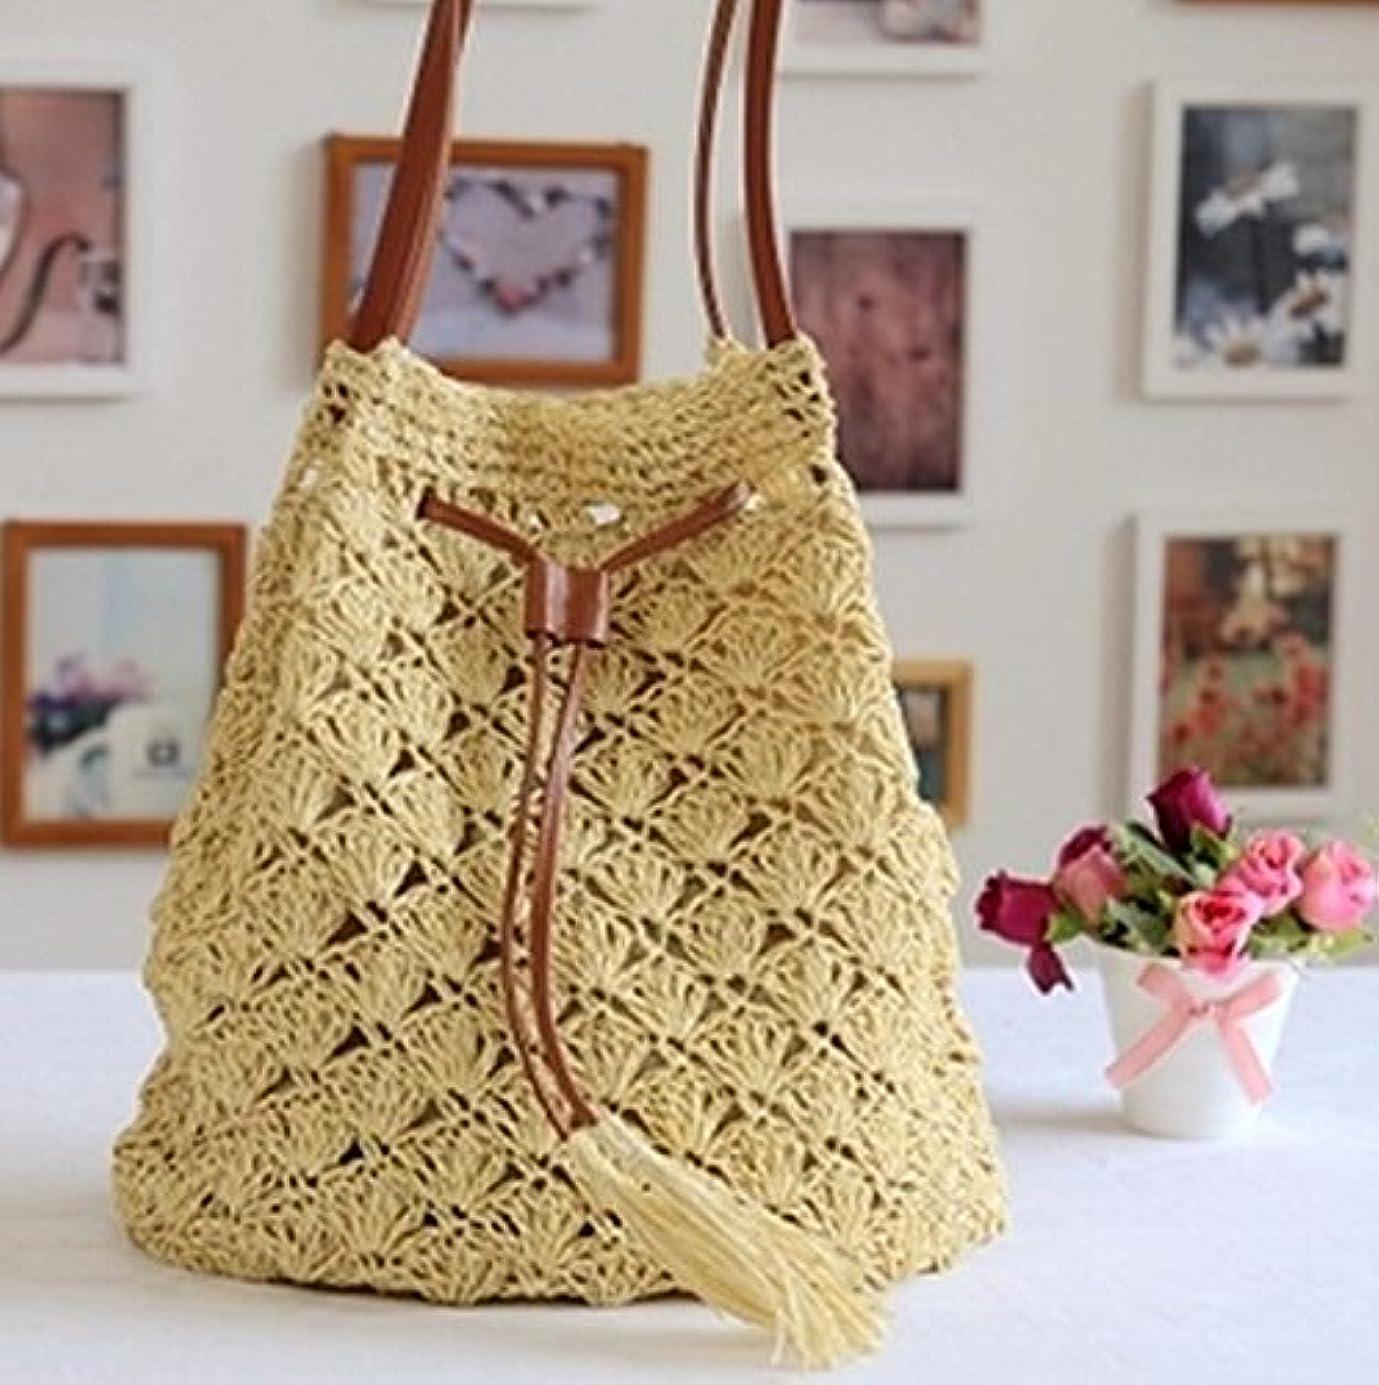 ラフ瀬戸際半径編みバック カゴバッグ 麦わら 肩掛けバッグ 手編みバック  ショルダーバッグ  ビーチバッグ